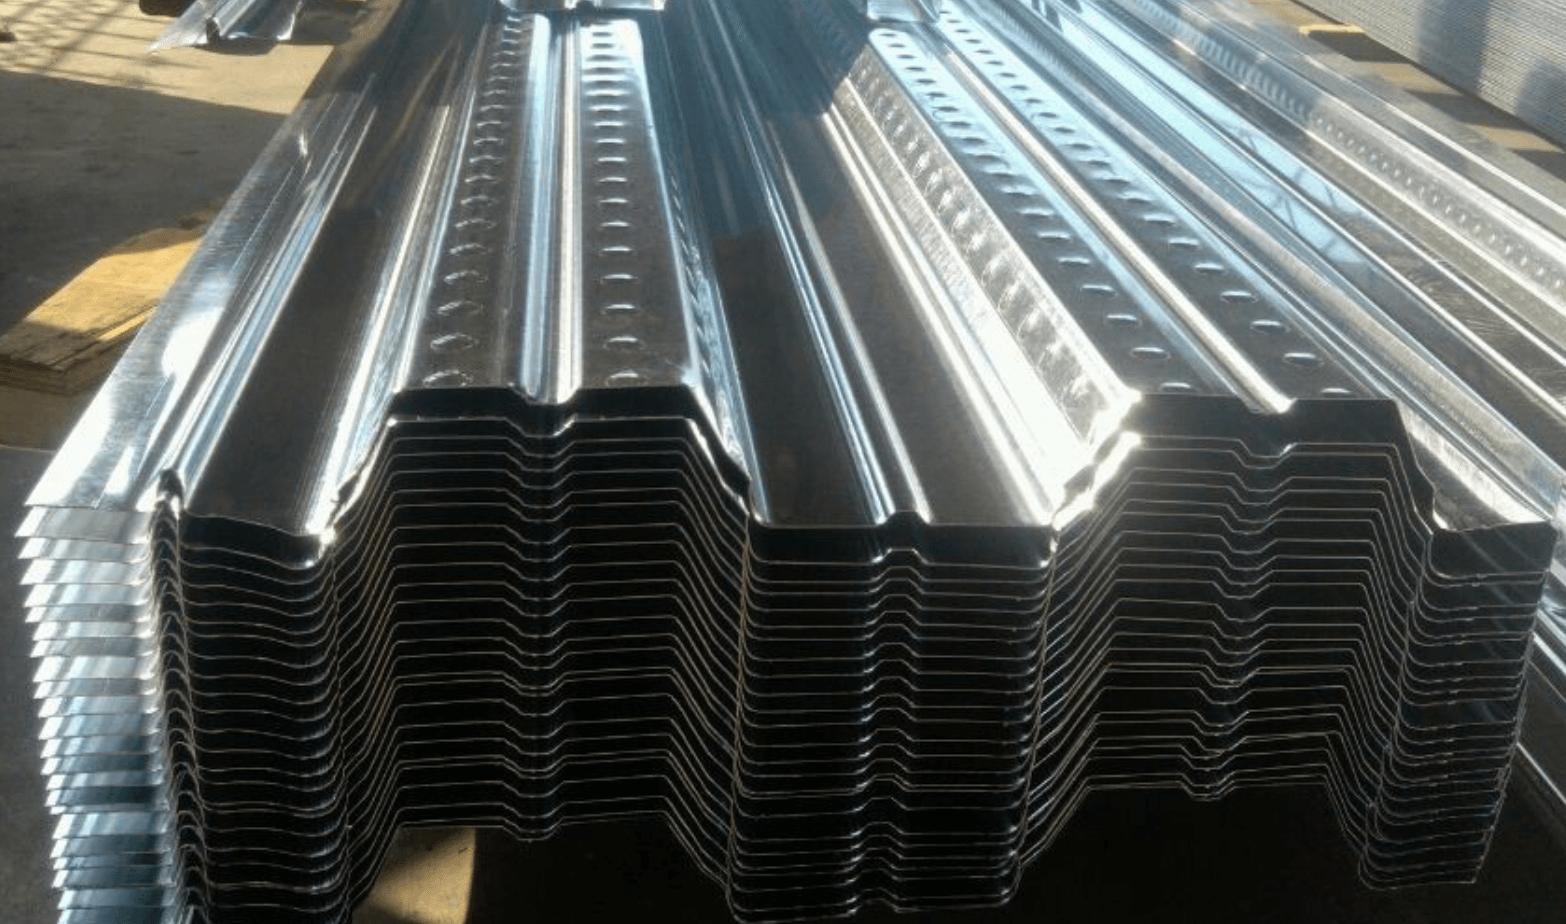 harga cnp baja ringan 1mm 5 daftar berbagai merk terbaru 2019